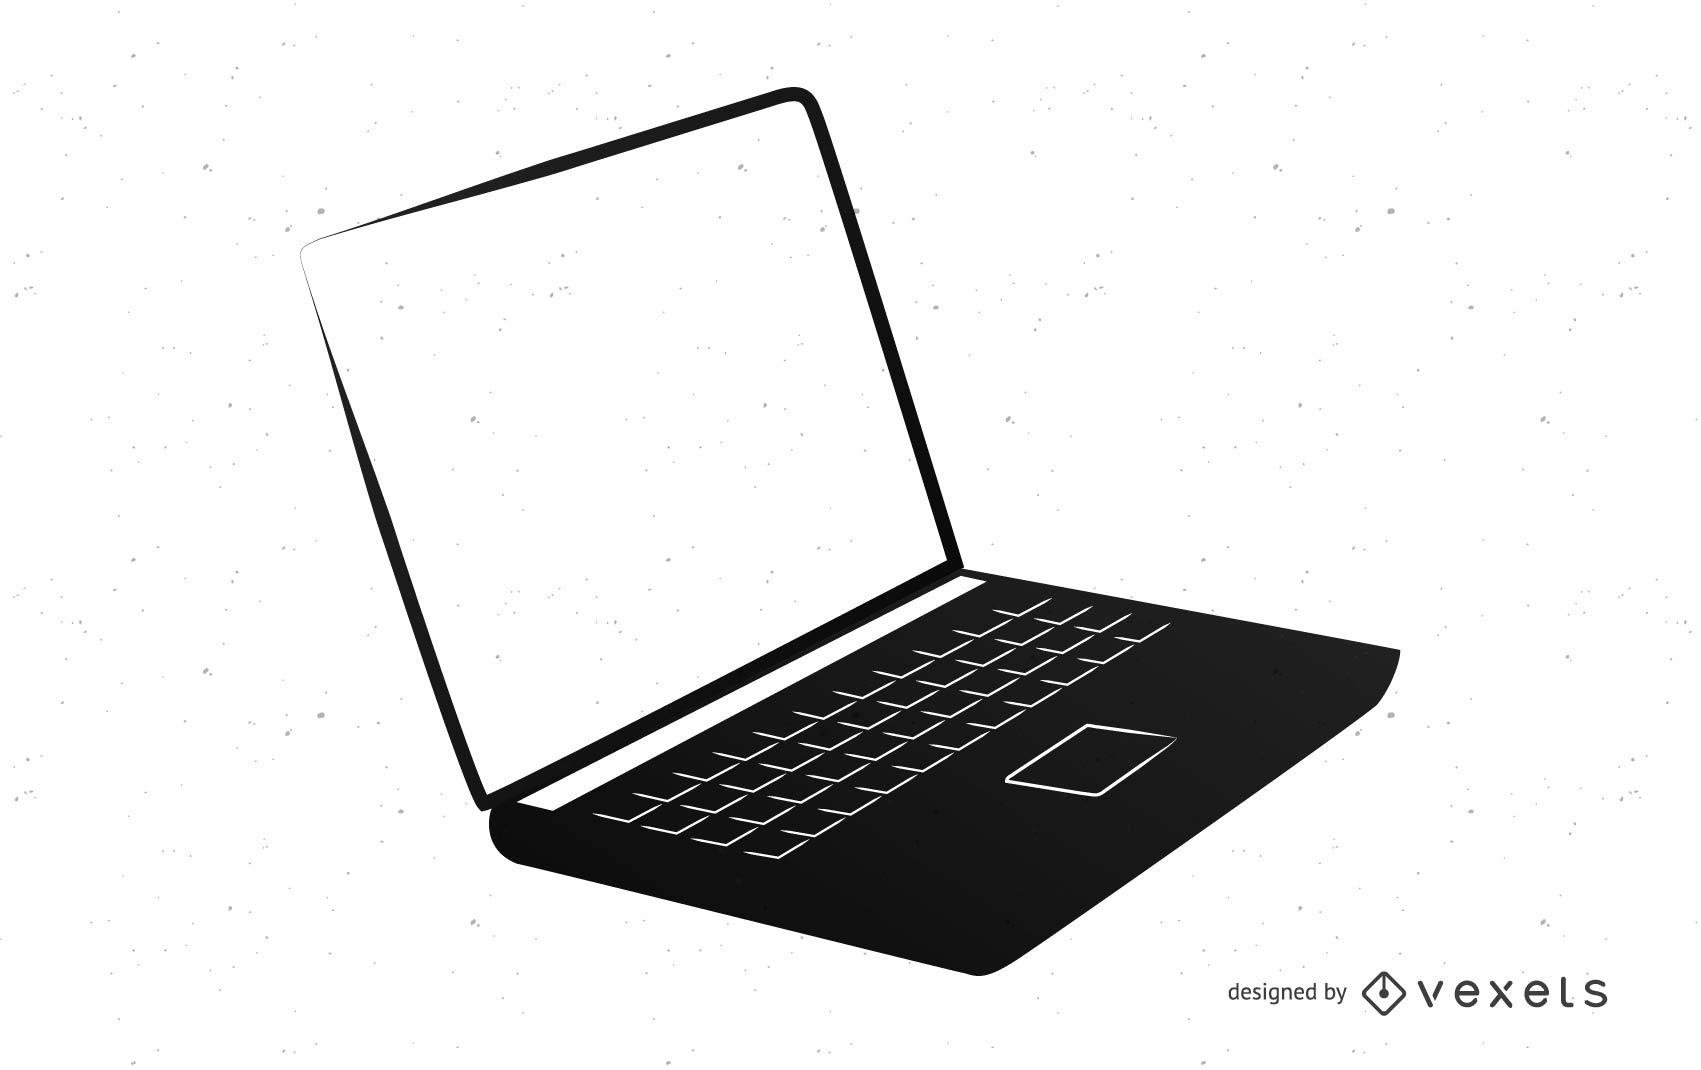 Silueta de portátil con pantalla en blanco